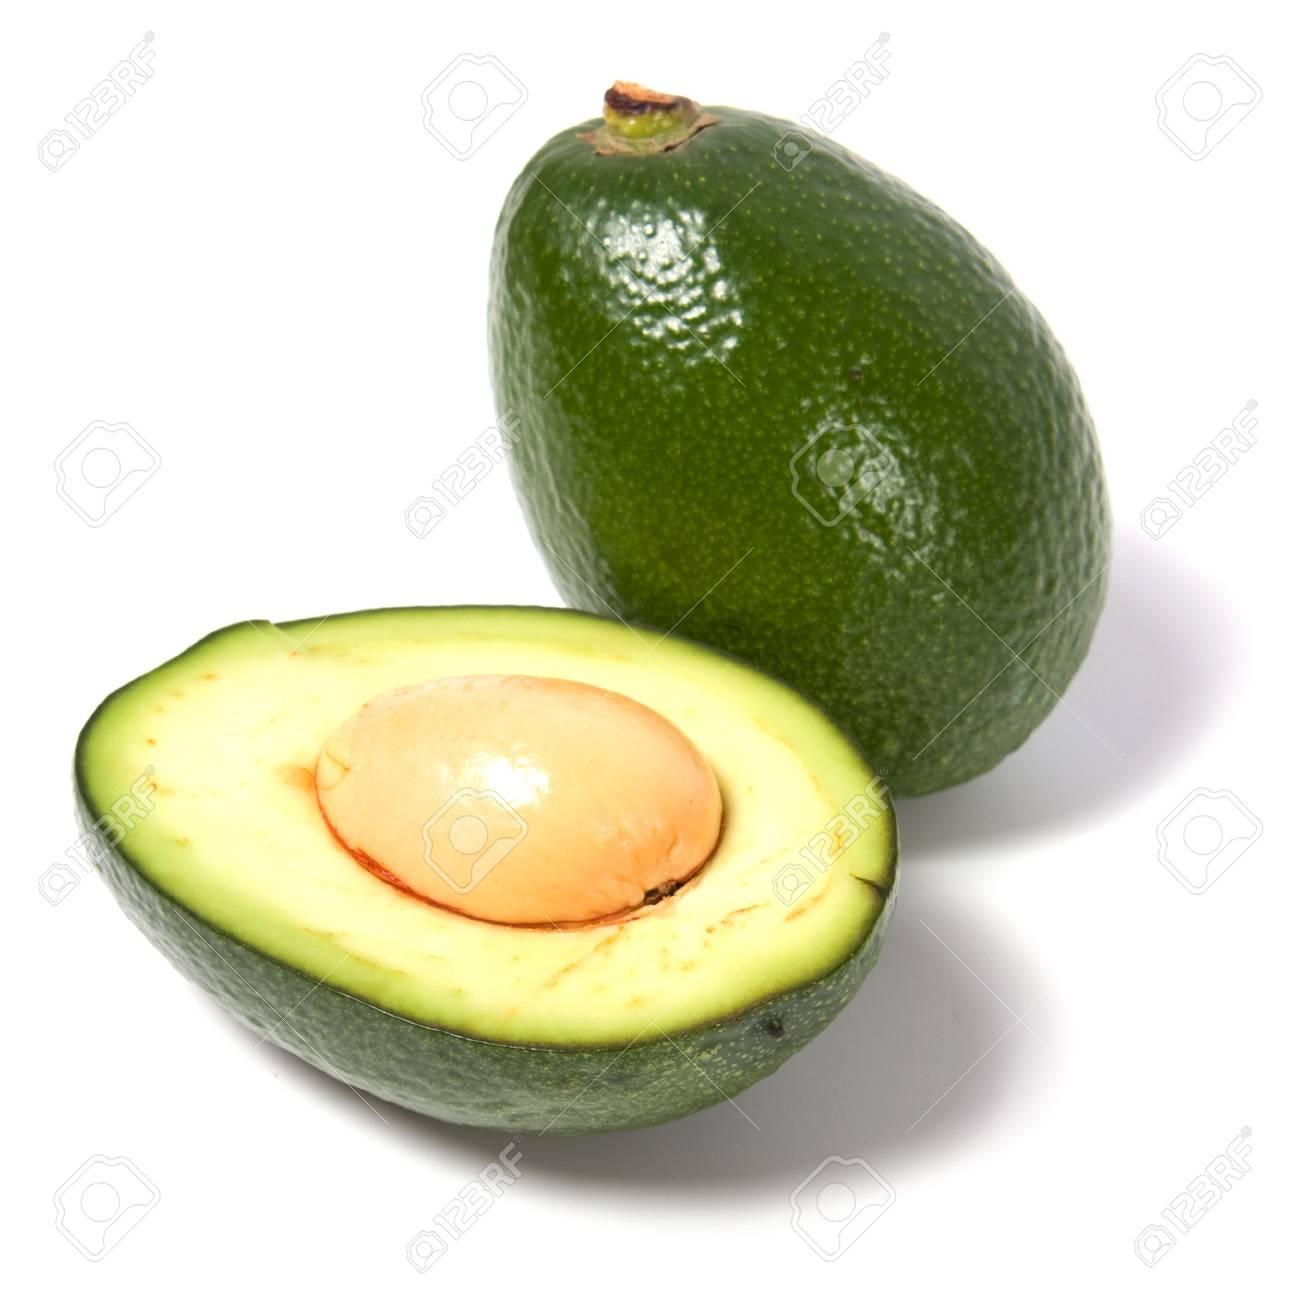 avocado isolated on white background Stock Photo - 5811308